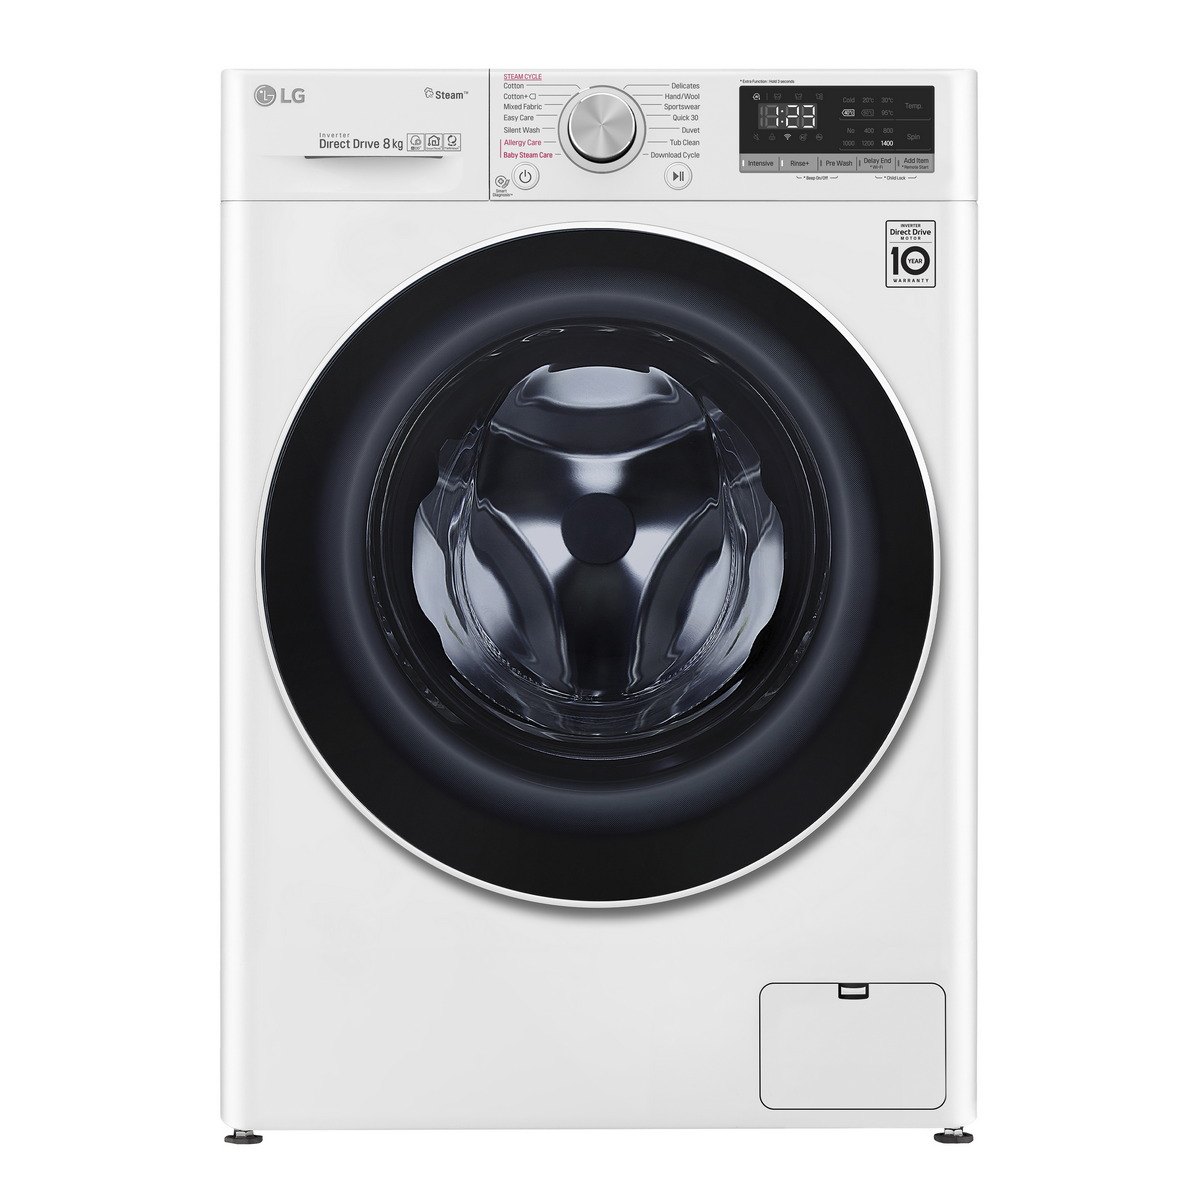 เครื่องซักผ้าฝาหน้า (8 kg) รุ่น FV1408S4W.ABWPETH